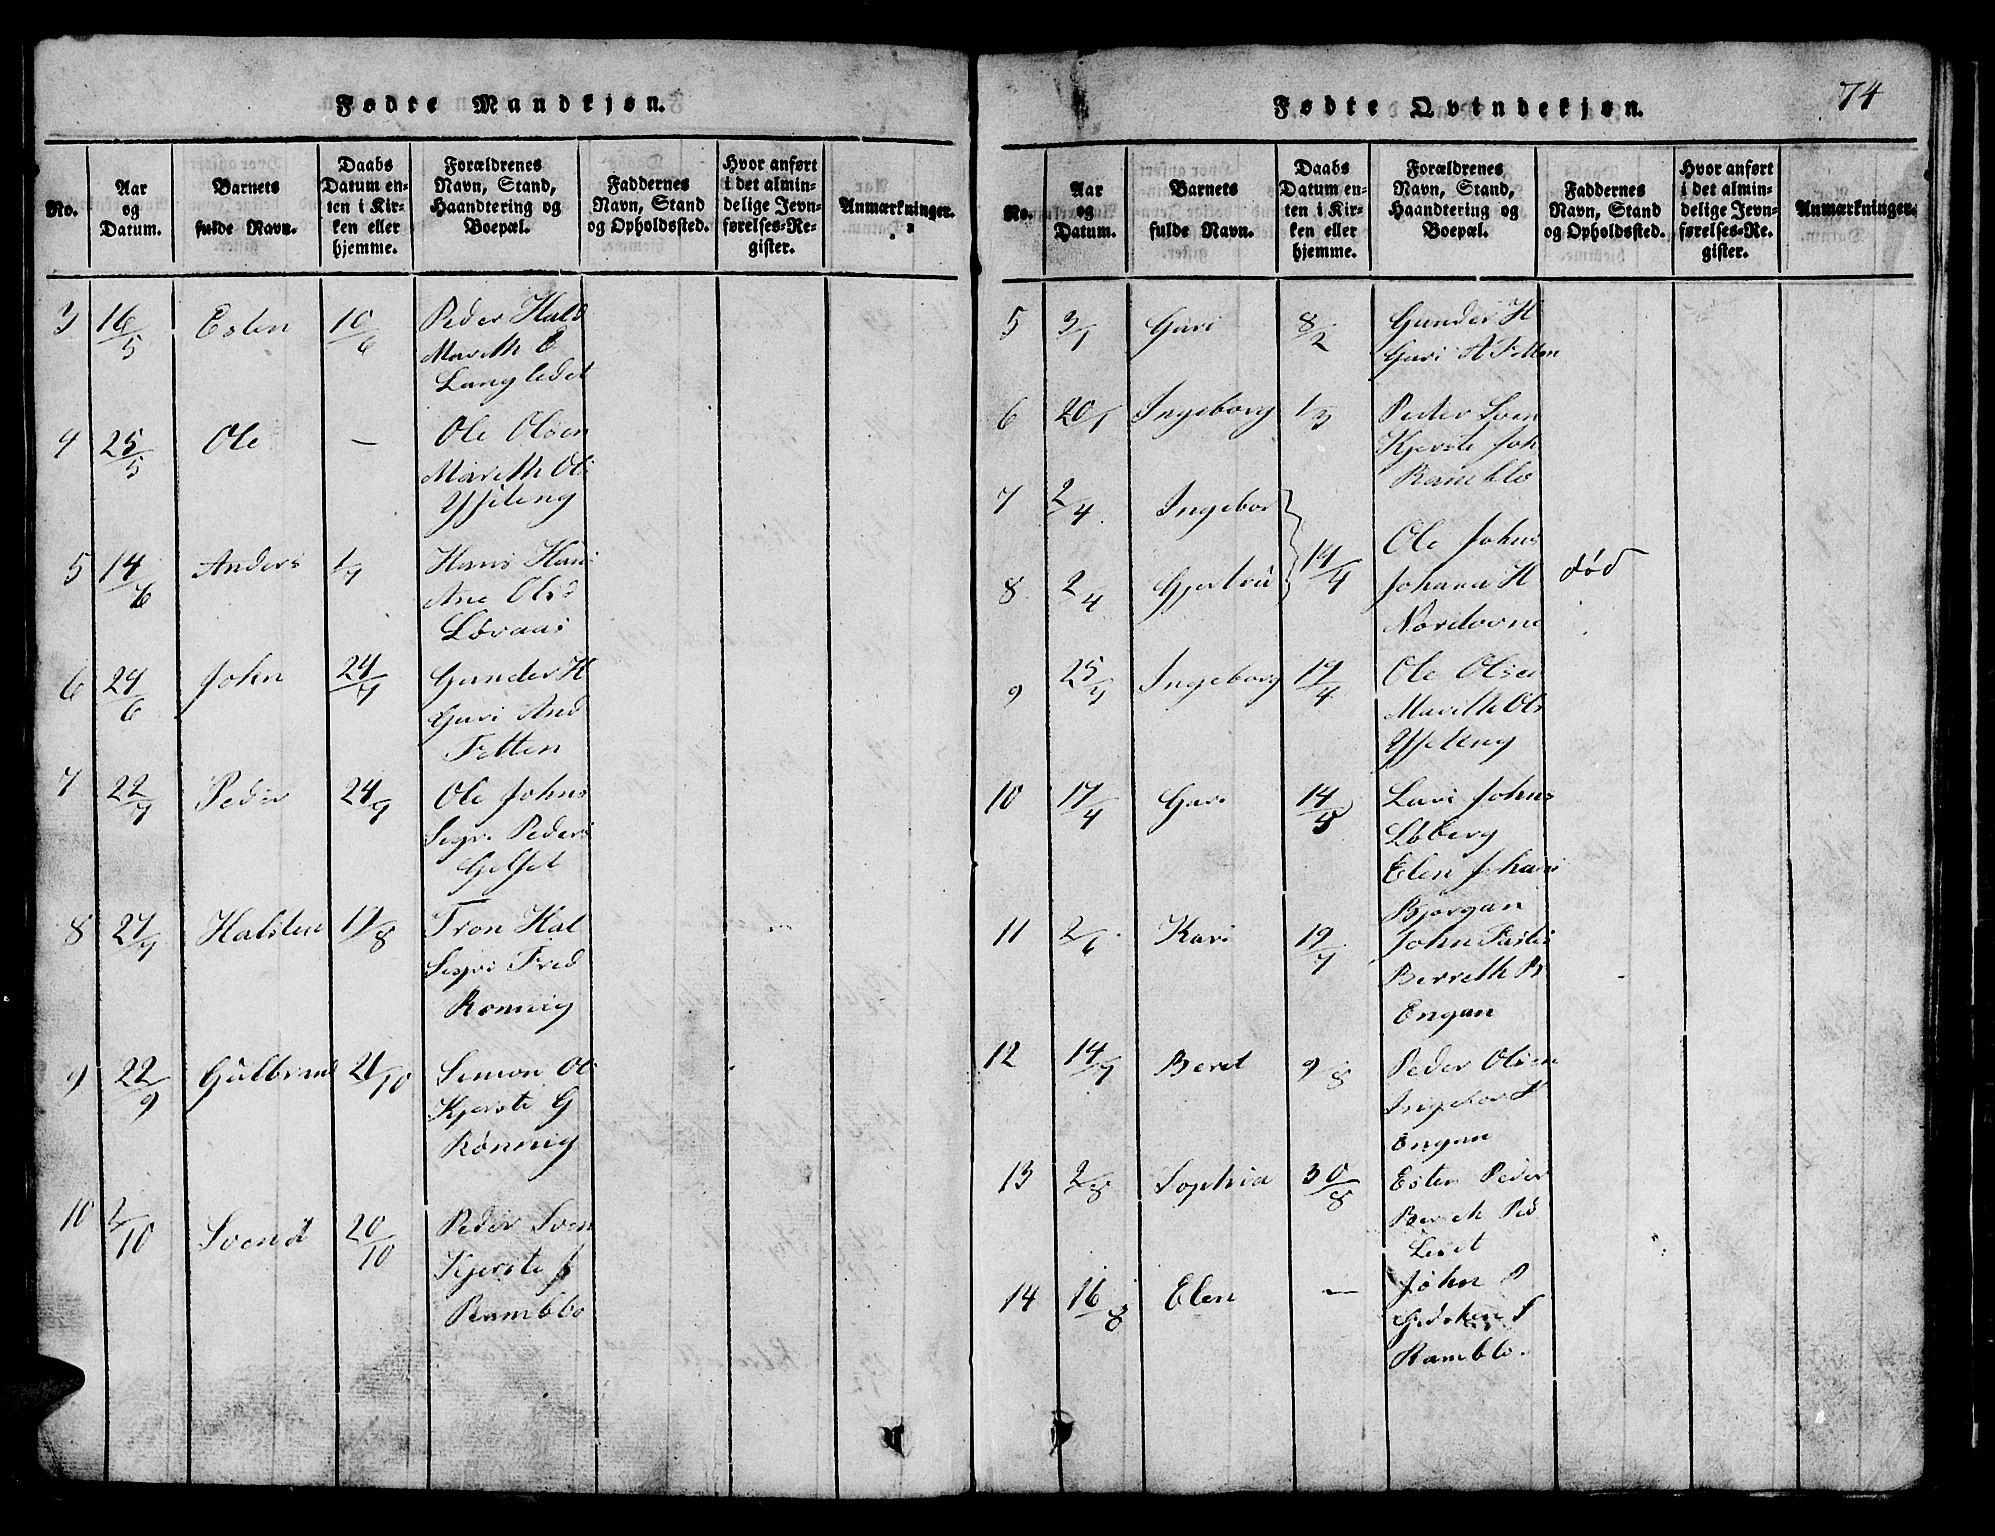 SAT, Ministerialprotokoller, klokkerbøker og fødselsregistre - Sør-Trøndelag, 685/L0976: Klokkerbok nr. 685C01, 1817-1878, s. 74